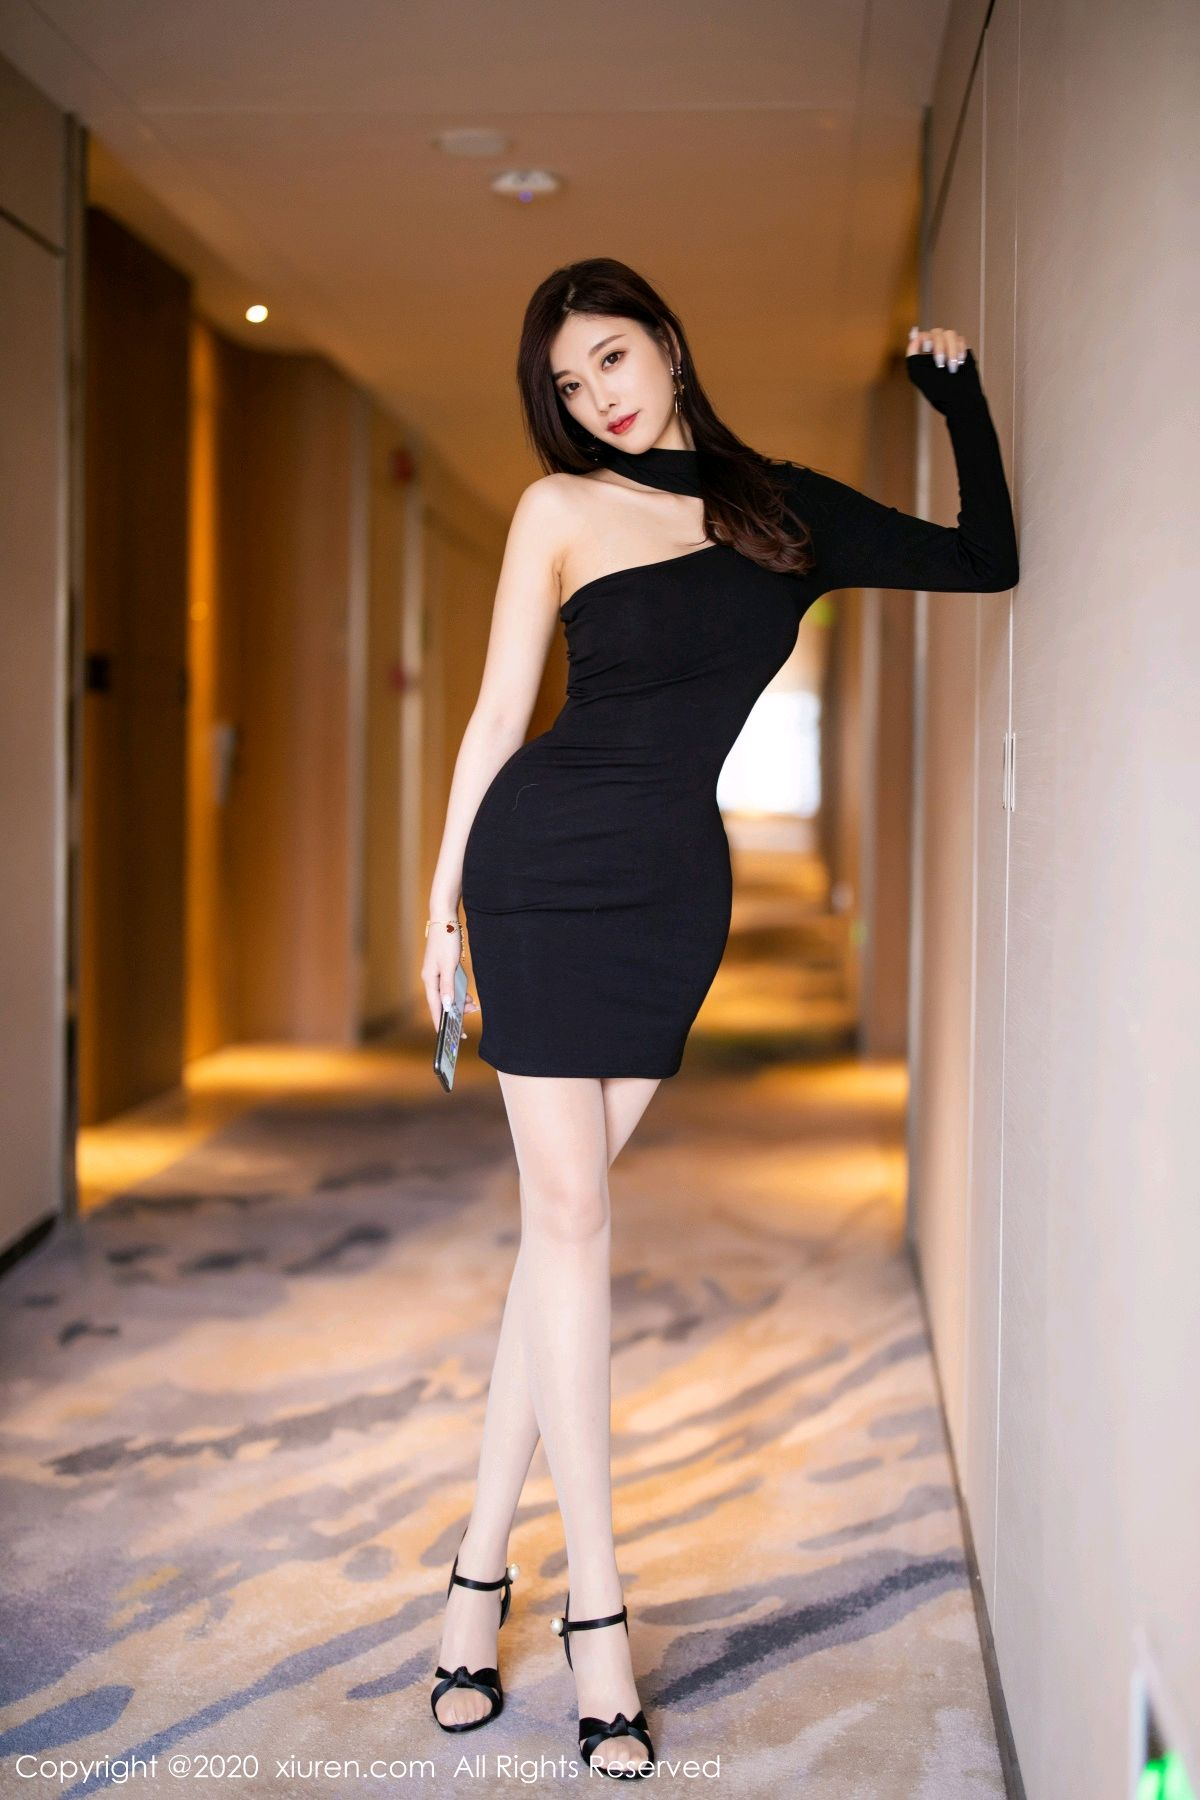 [XiuRen] Vol.2733 Yang Chen Chen 6P, Tall, Xiuren, Yang Chen Chen, 杨晨晨